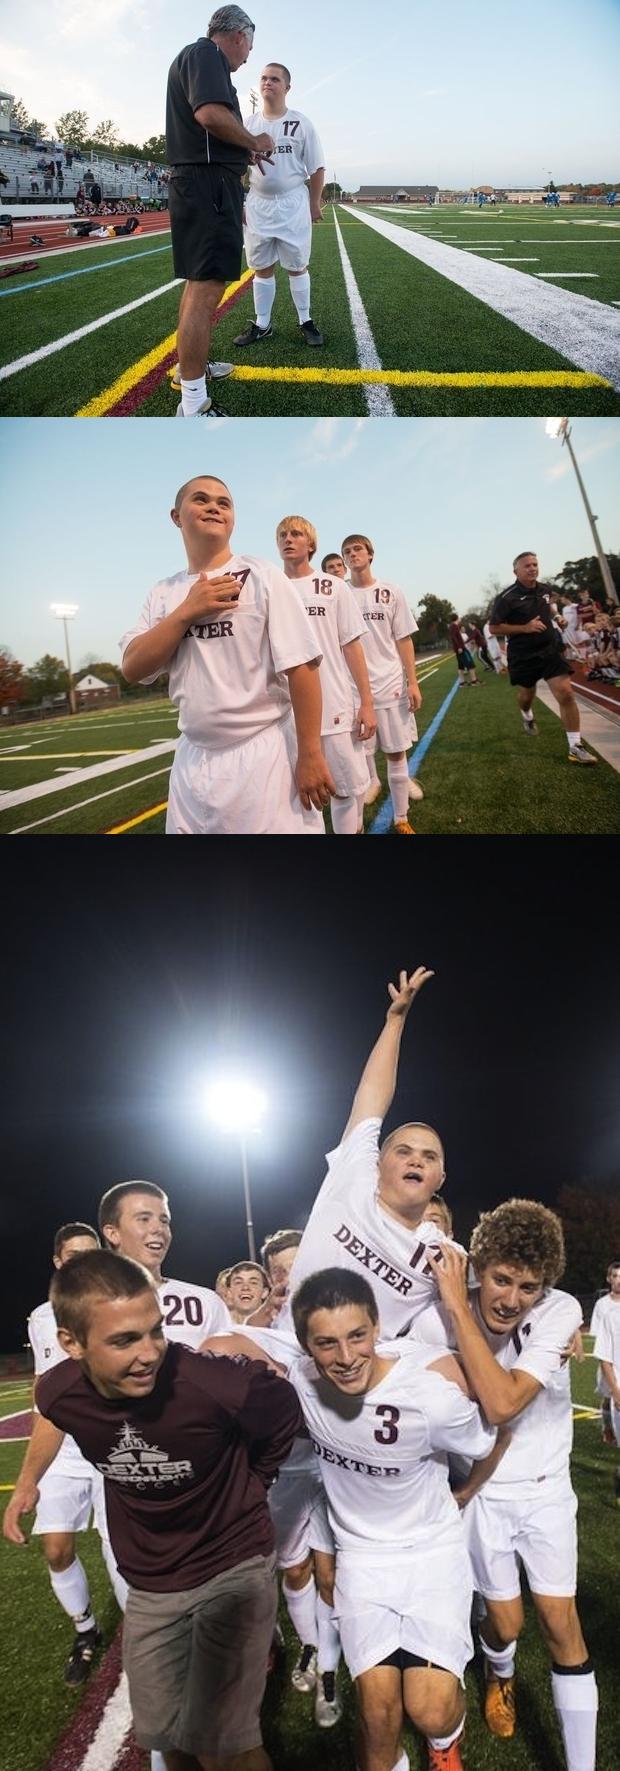 Equipo de fútbol de Michigan dándole a su Capitán con síndrome de Down una oportunidad para empezar